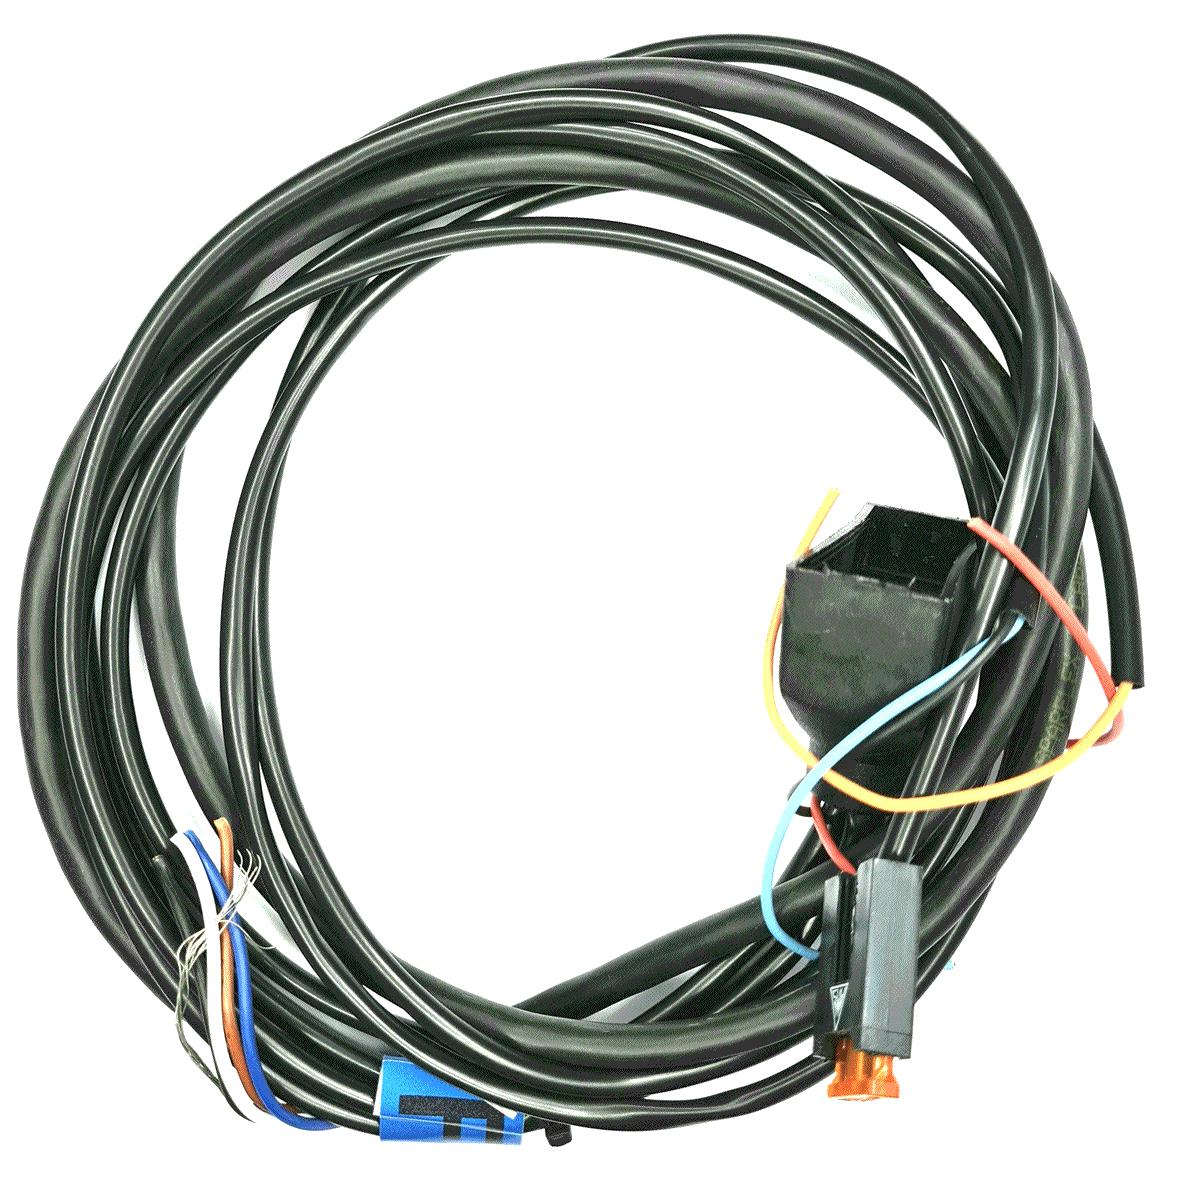 Variador de Avanço Roda Fônica Versa SR10 cabo F VERPTRO (T30)